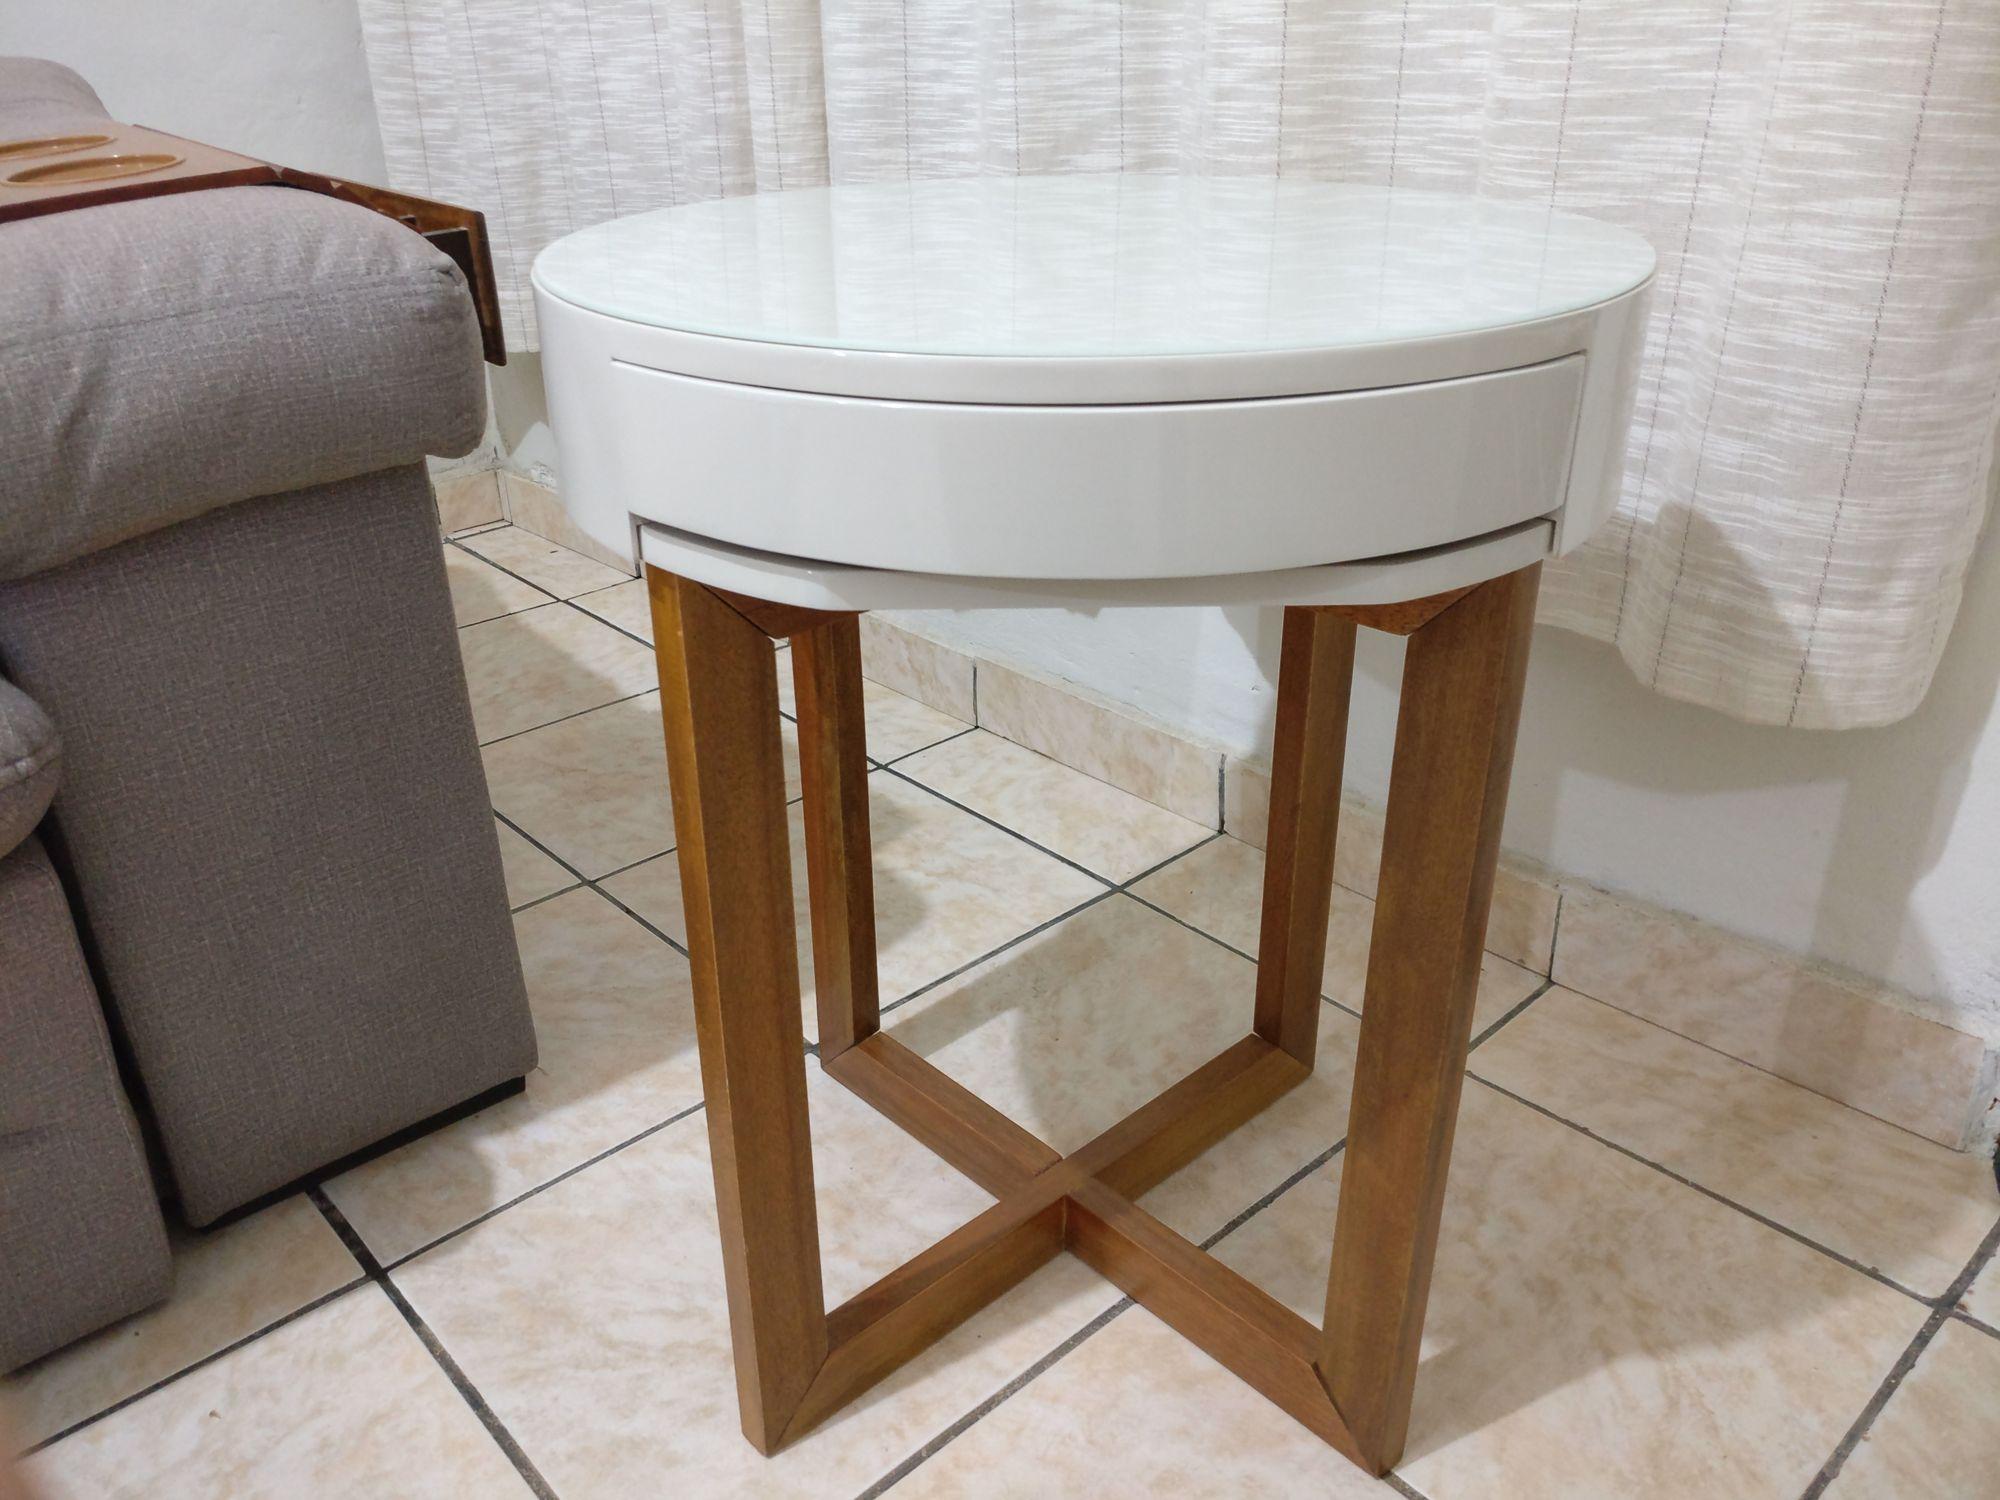 Mesa Decorativa Vidro Pé de Madeira Sala Casa 3005 Off White